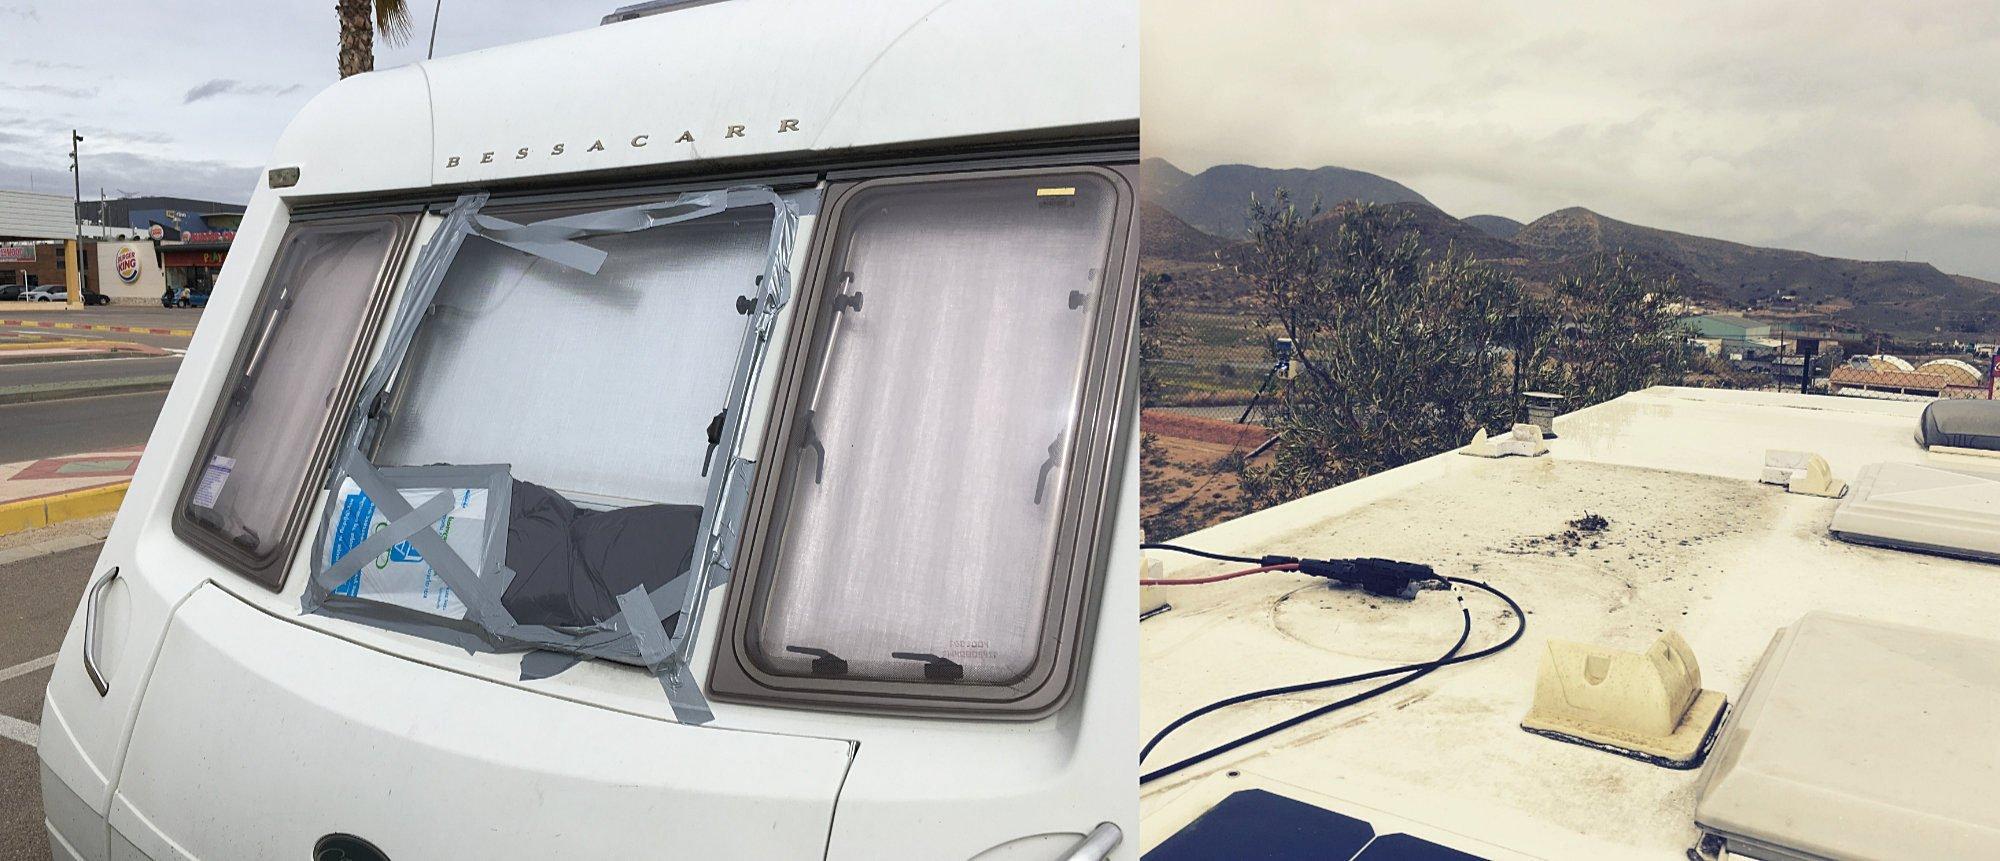 Broken Window and Solar Panel